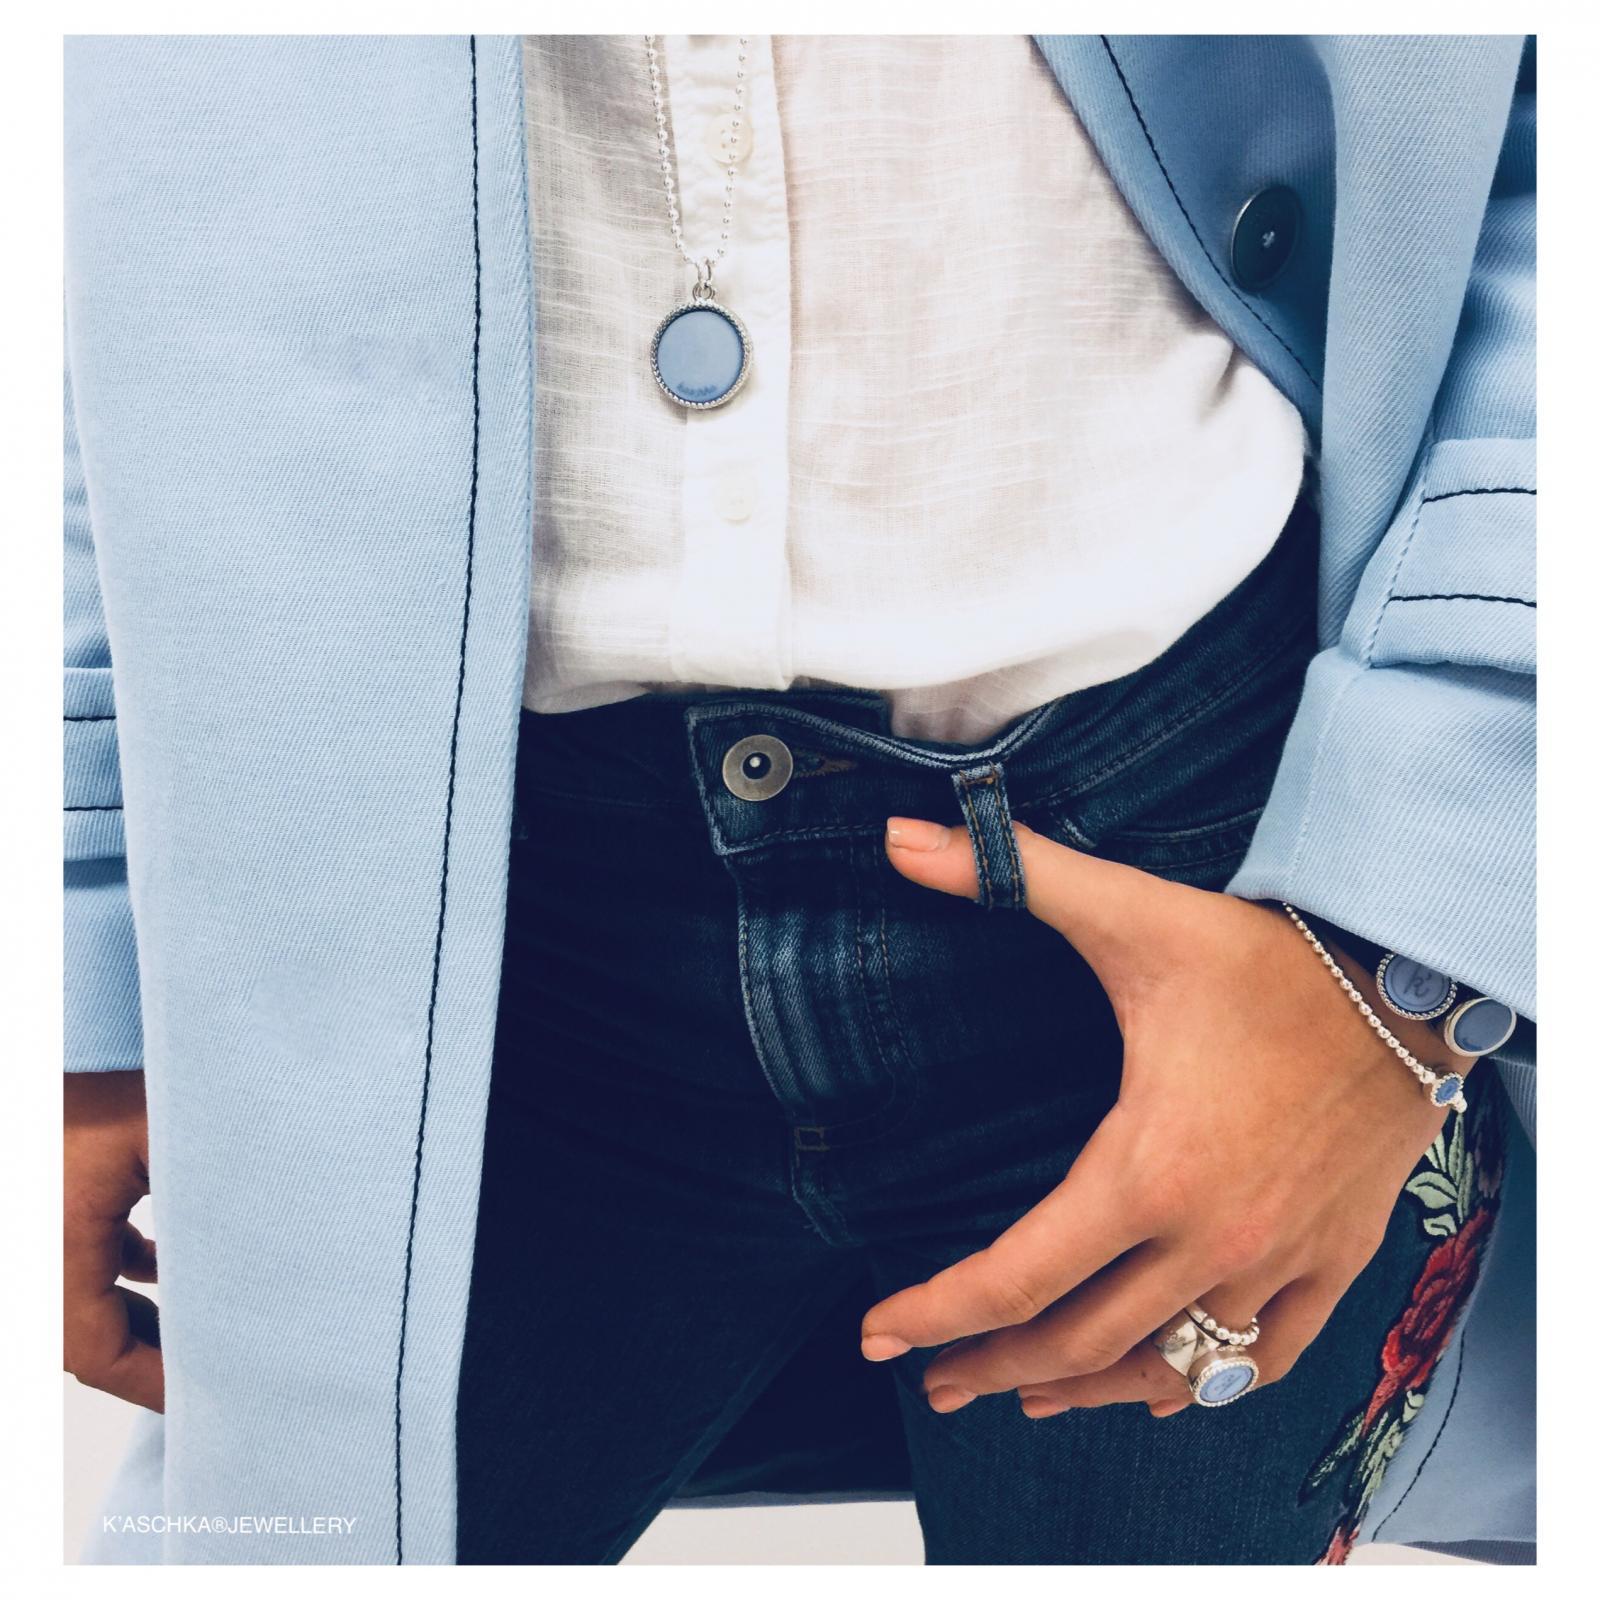 Wisselbare 925 sterling zilveren ketting Flexibele 925 sterling zilveren ring Flexibele 925 sterling zilveren armband Wisselbare 925 sterling zilveren ring Leren armband navy 925 sterling zilveren schuiver